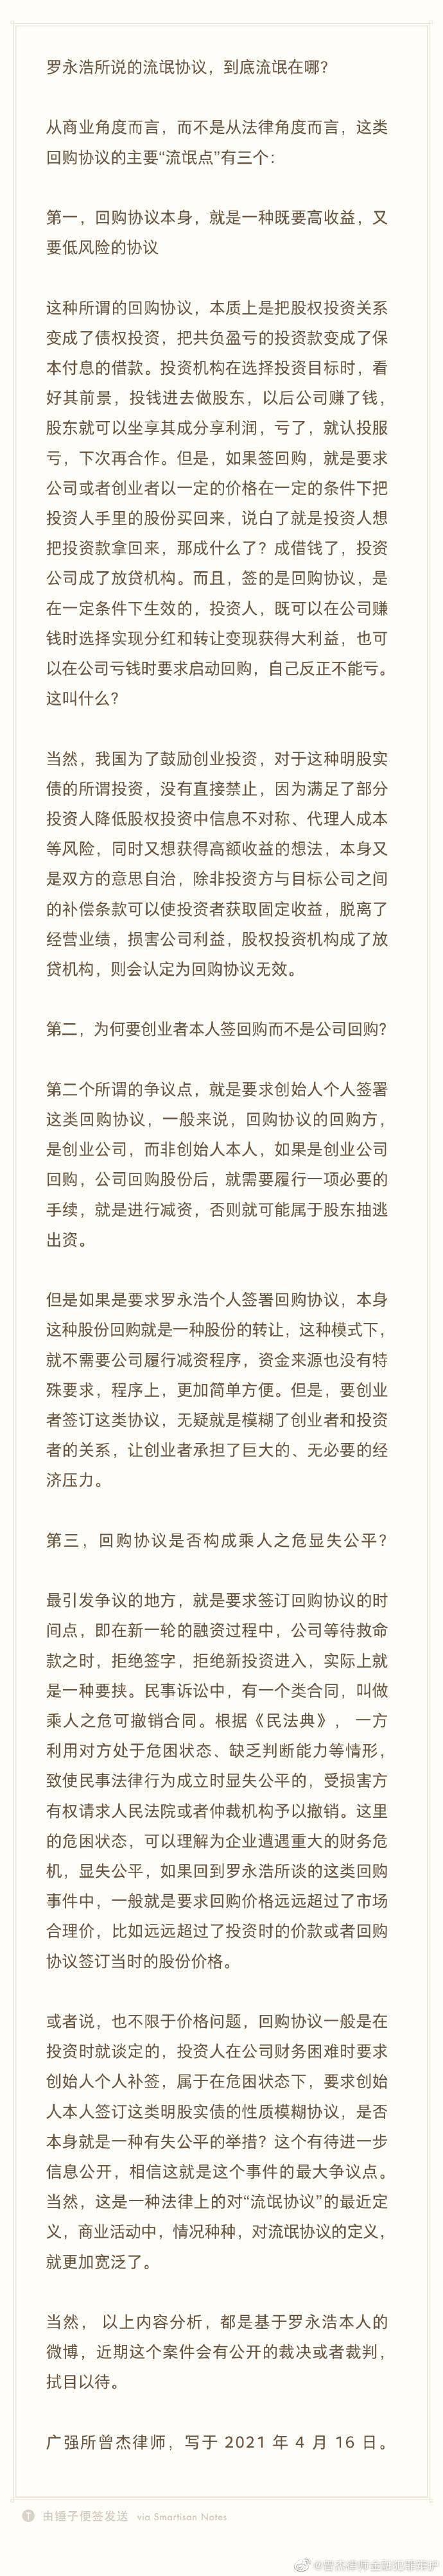 """罗永浩谈""""流氓协议"""":把它说出来很有必要 免得他们再去害别人的照片 - 3"""